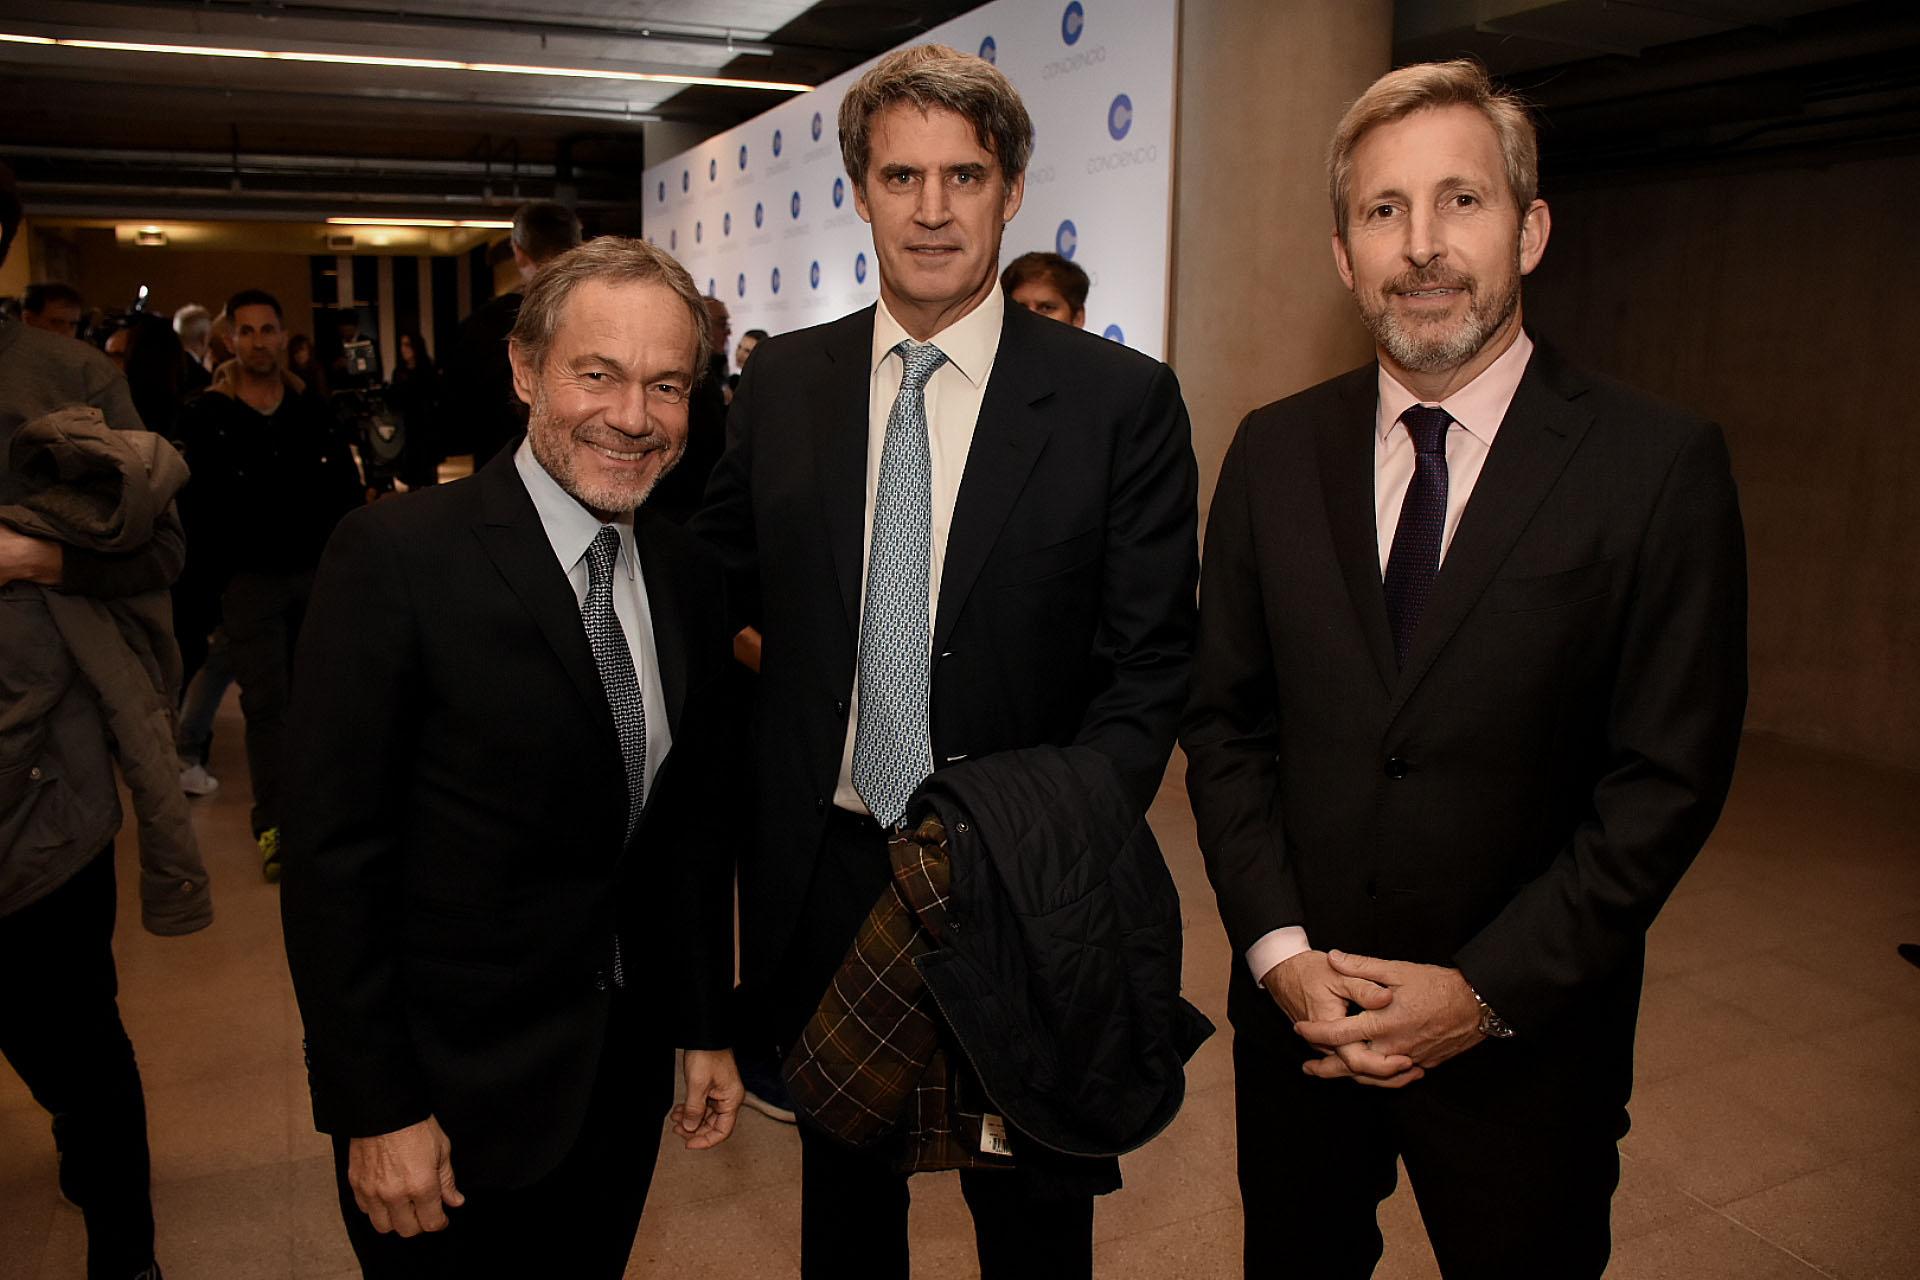 El ministro de Justicia de la provincia de Buenos Aires, Gustavo Ferrari, junto a Alfonso Prat Gay y Rogelio Frigerio